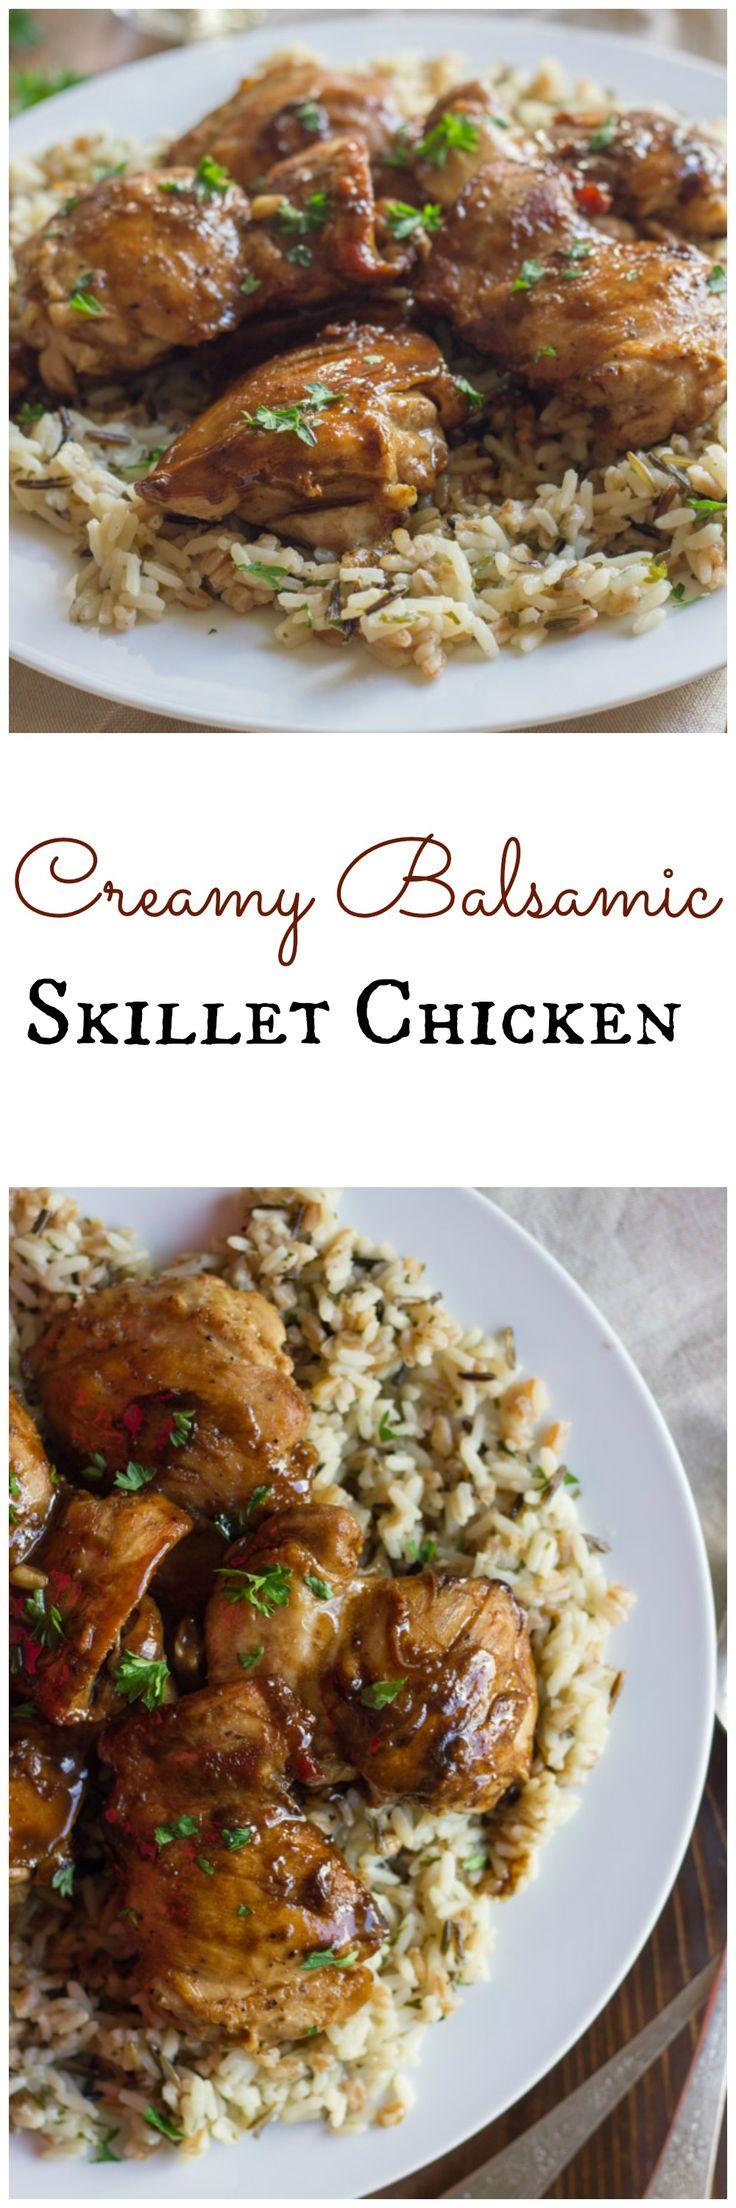 Creamy Balsamic Skillet Chicken